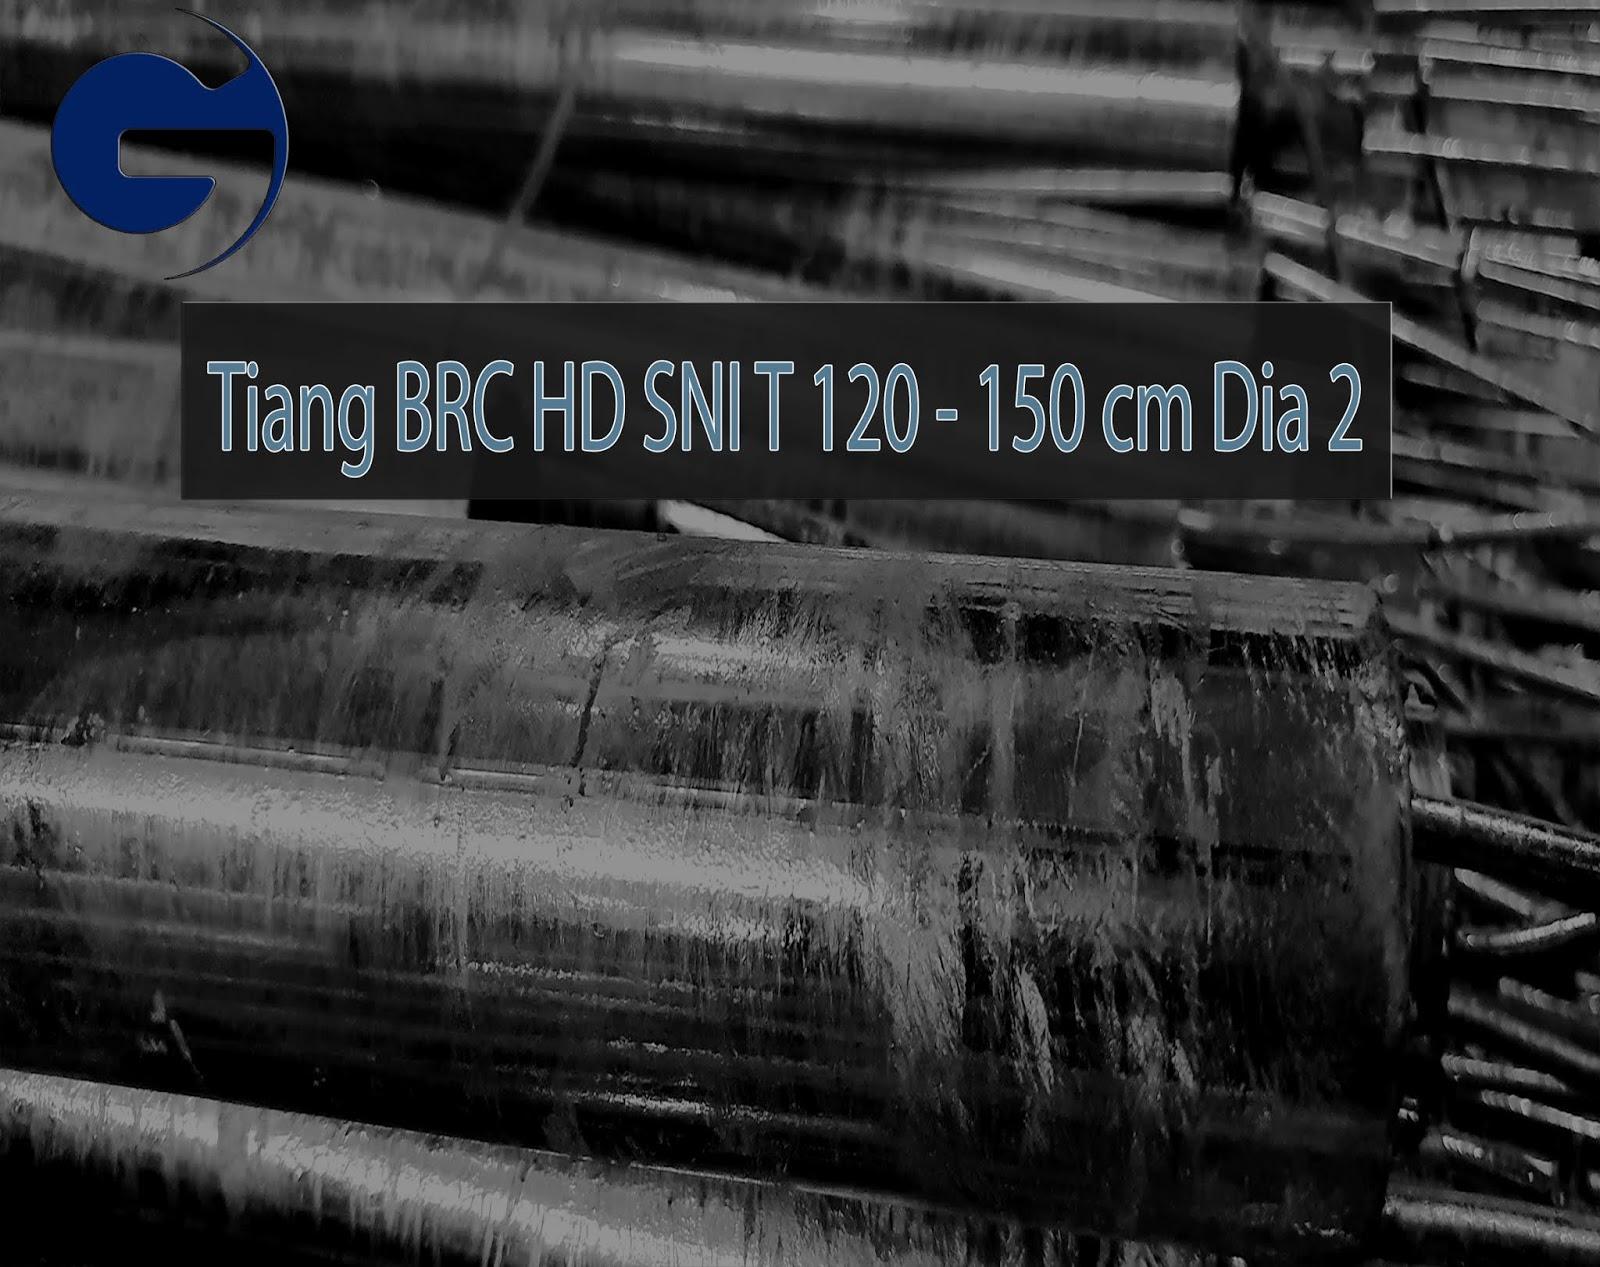 Jual Tiang BRC HDG SNI T 150 CM Dia 2 Inch